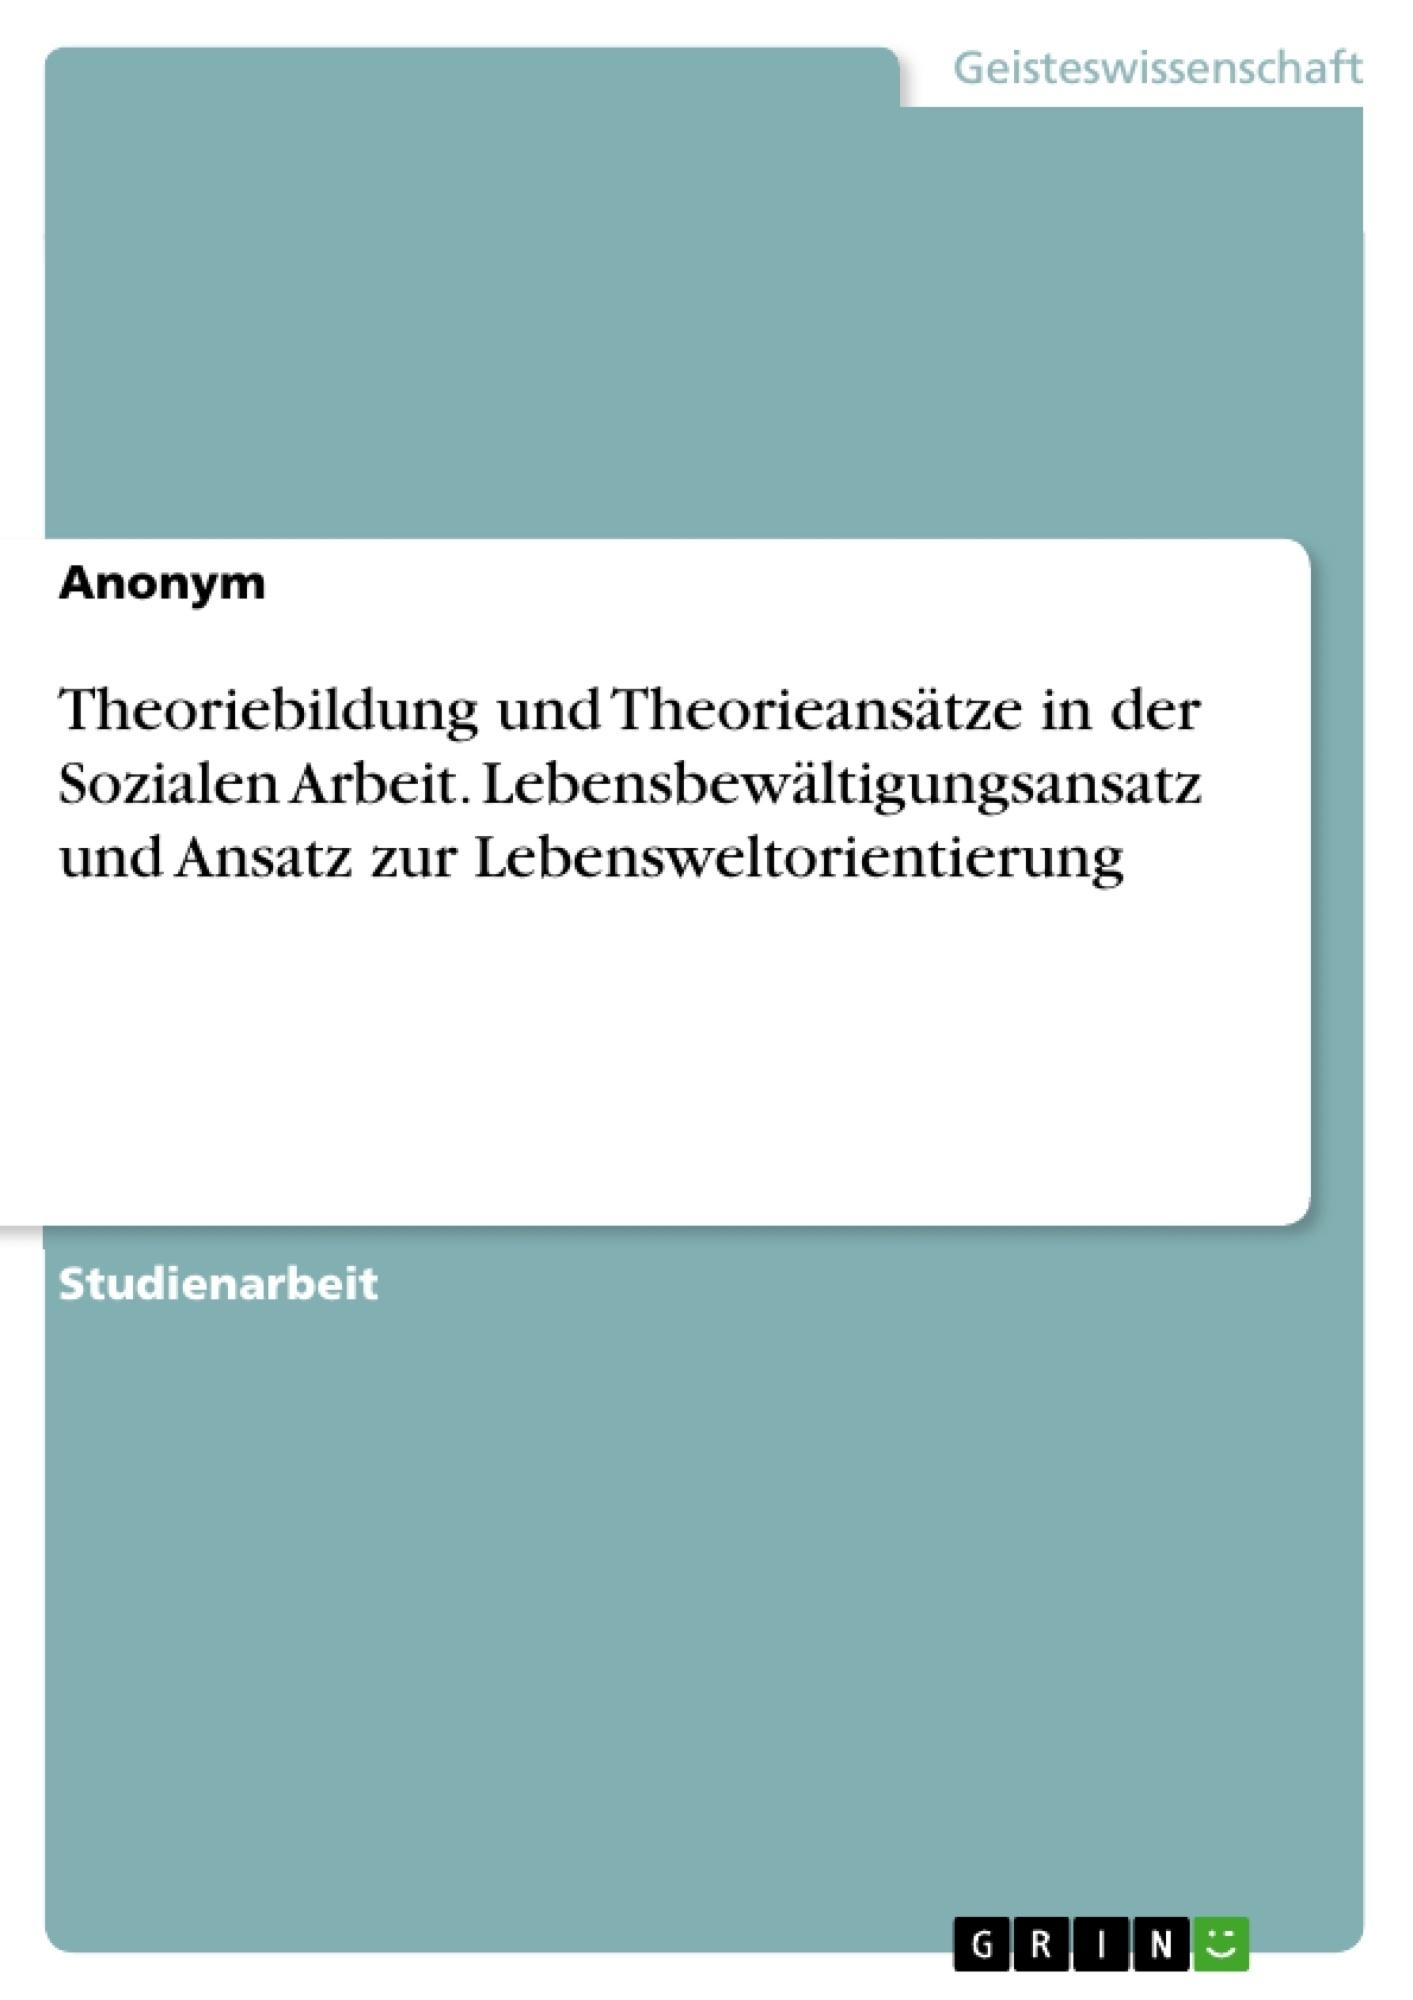 Titel: Theoriebildung und Theorieansätze in der Sozialen Arbeit. Lebensbewältigungsansatz und Ansatz zur Lebensweltorientierung